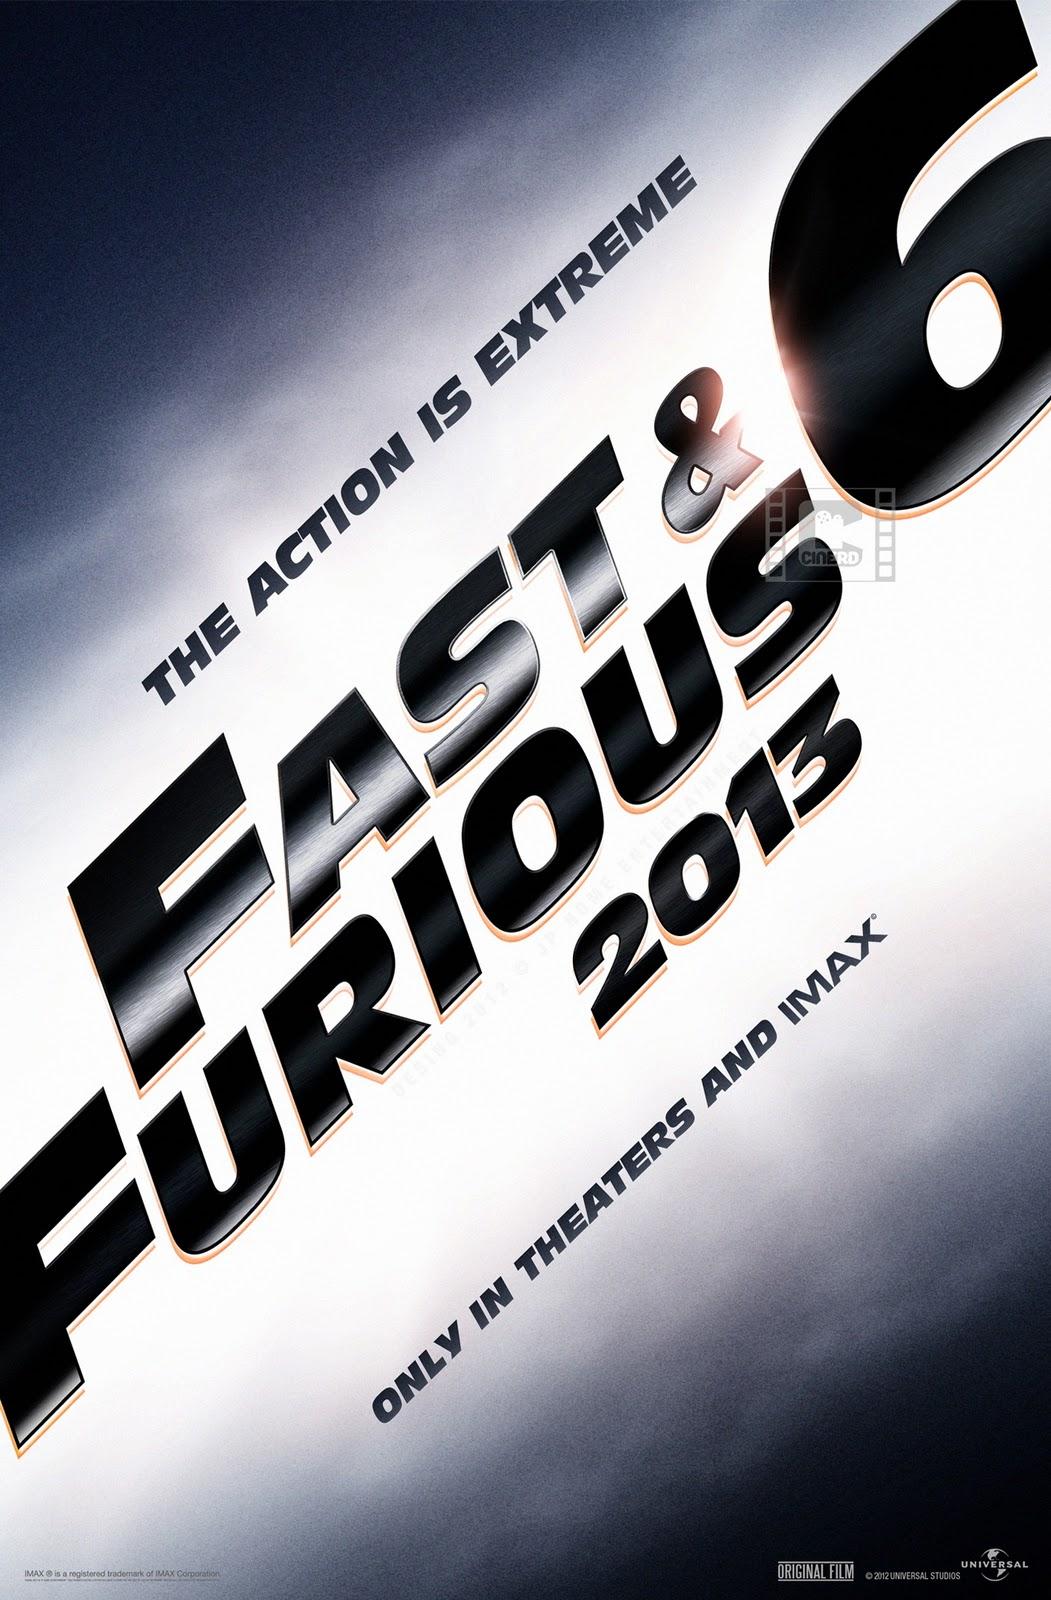 fast and furious 6 Película dirigida por justin lin vin diesel, paul walker y dwayne johnson encabezan el reparto de la taquillera franquicia basada en las carreras de.